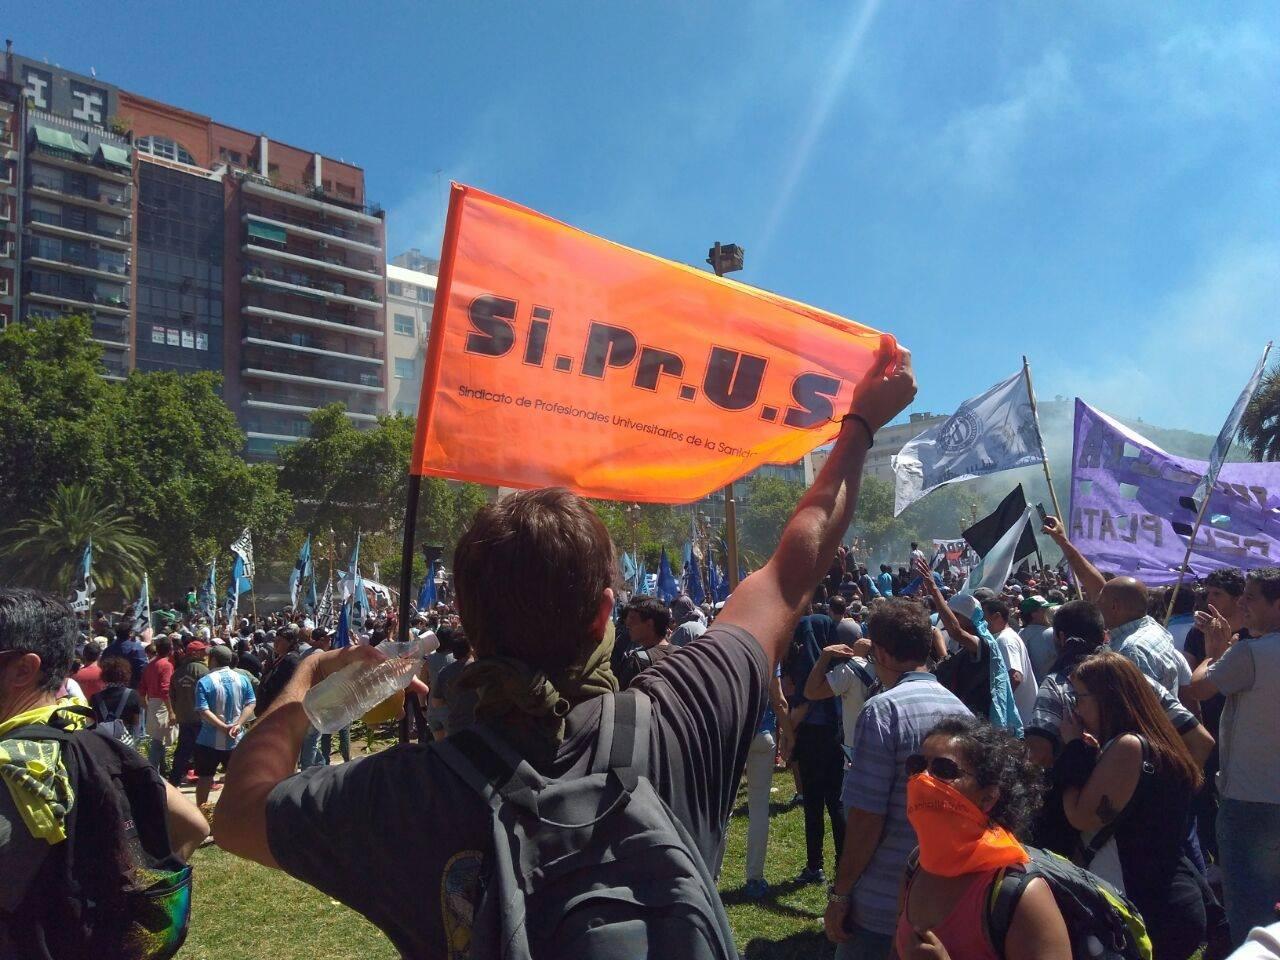 REFORMA PREVISIONAL: SIPRUS en la calle, en Buenos Aires, en Rosario, en Santa Fe, en Reconquista...